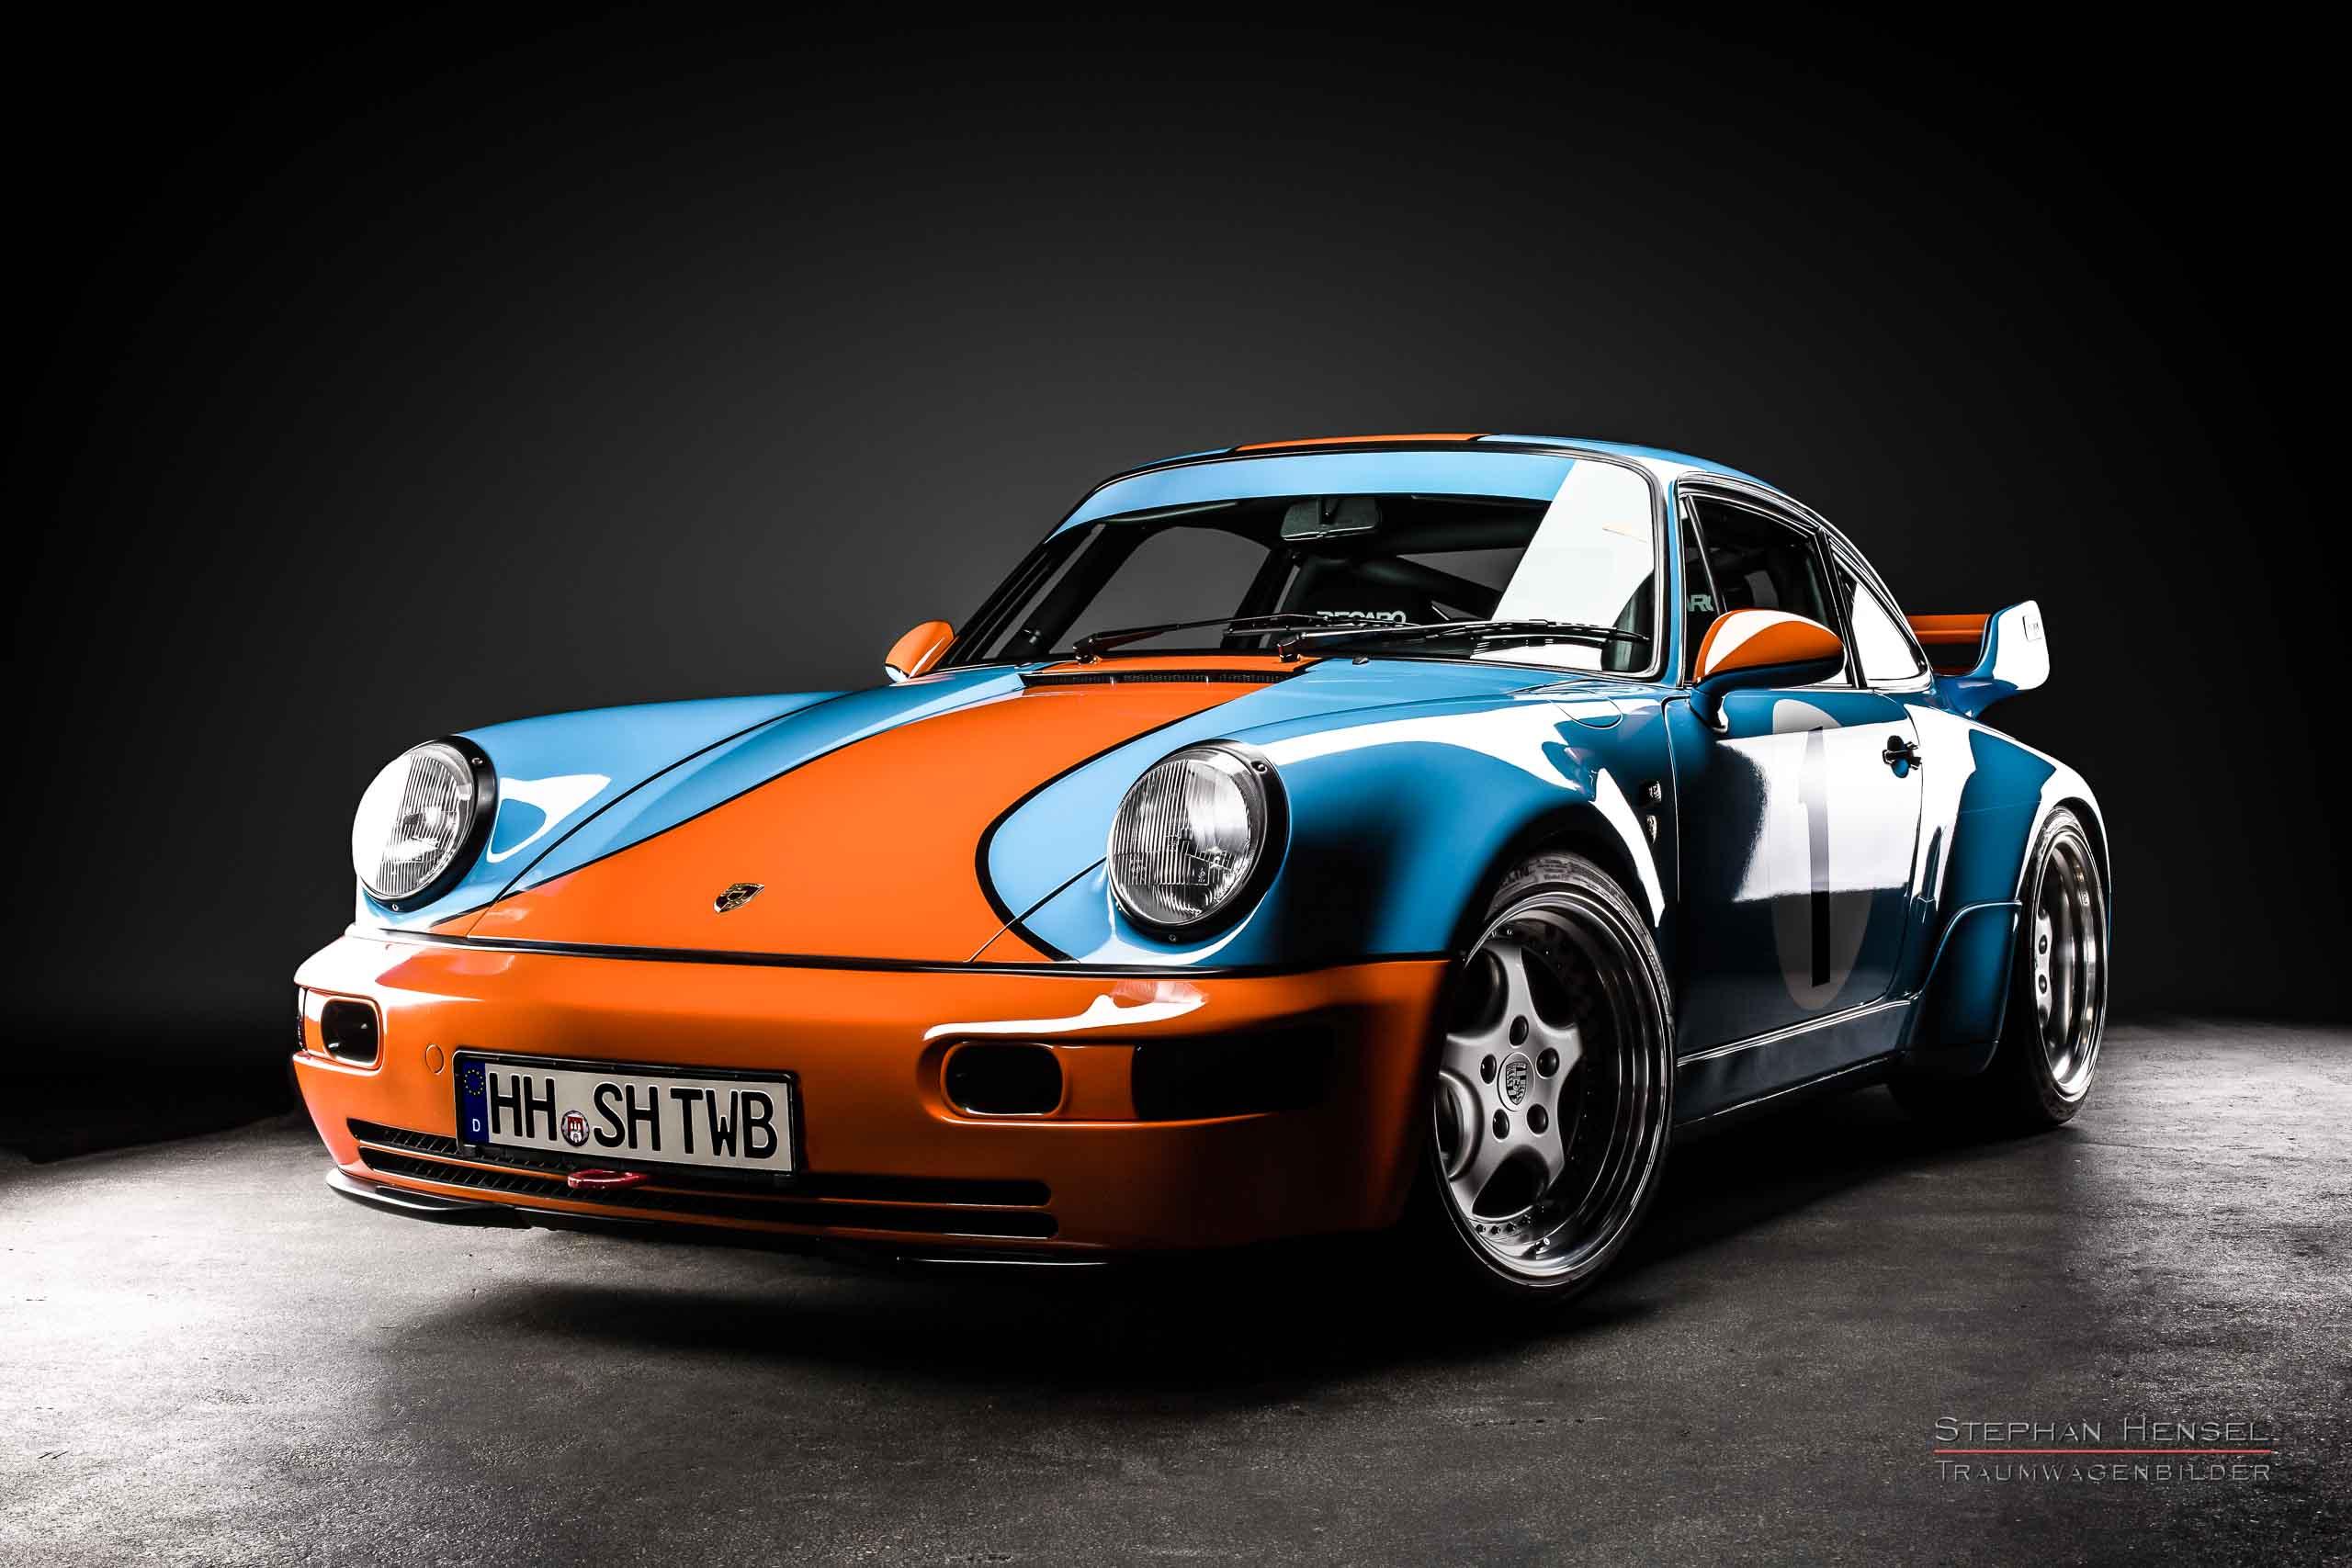 Porsche 964, Ansicht von links vorn, Autofotograf: Stephan Hensel, Oldtimerfotograf, Hamburg